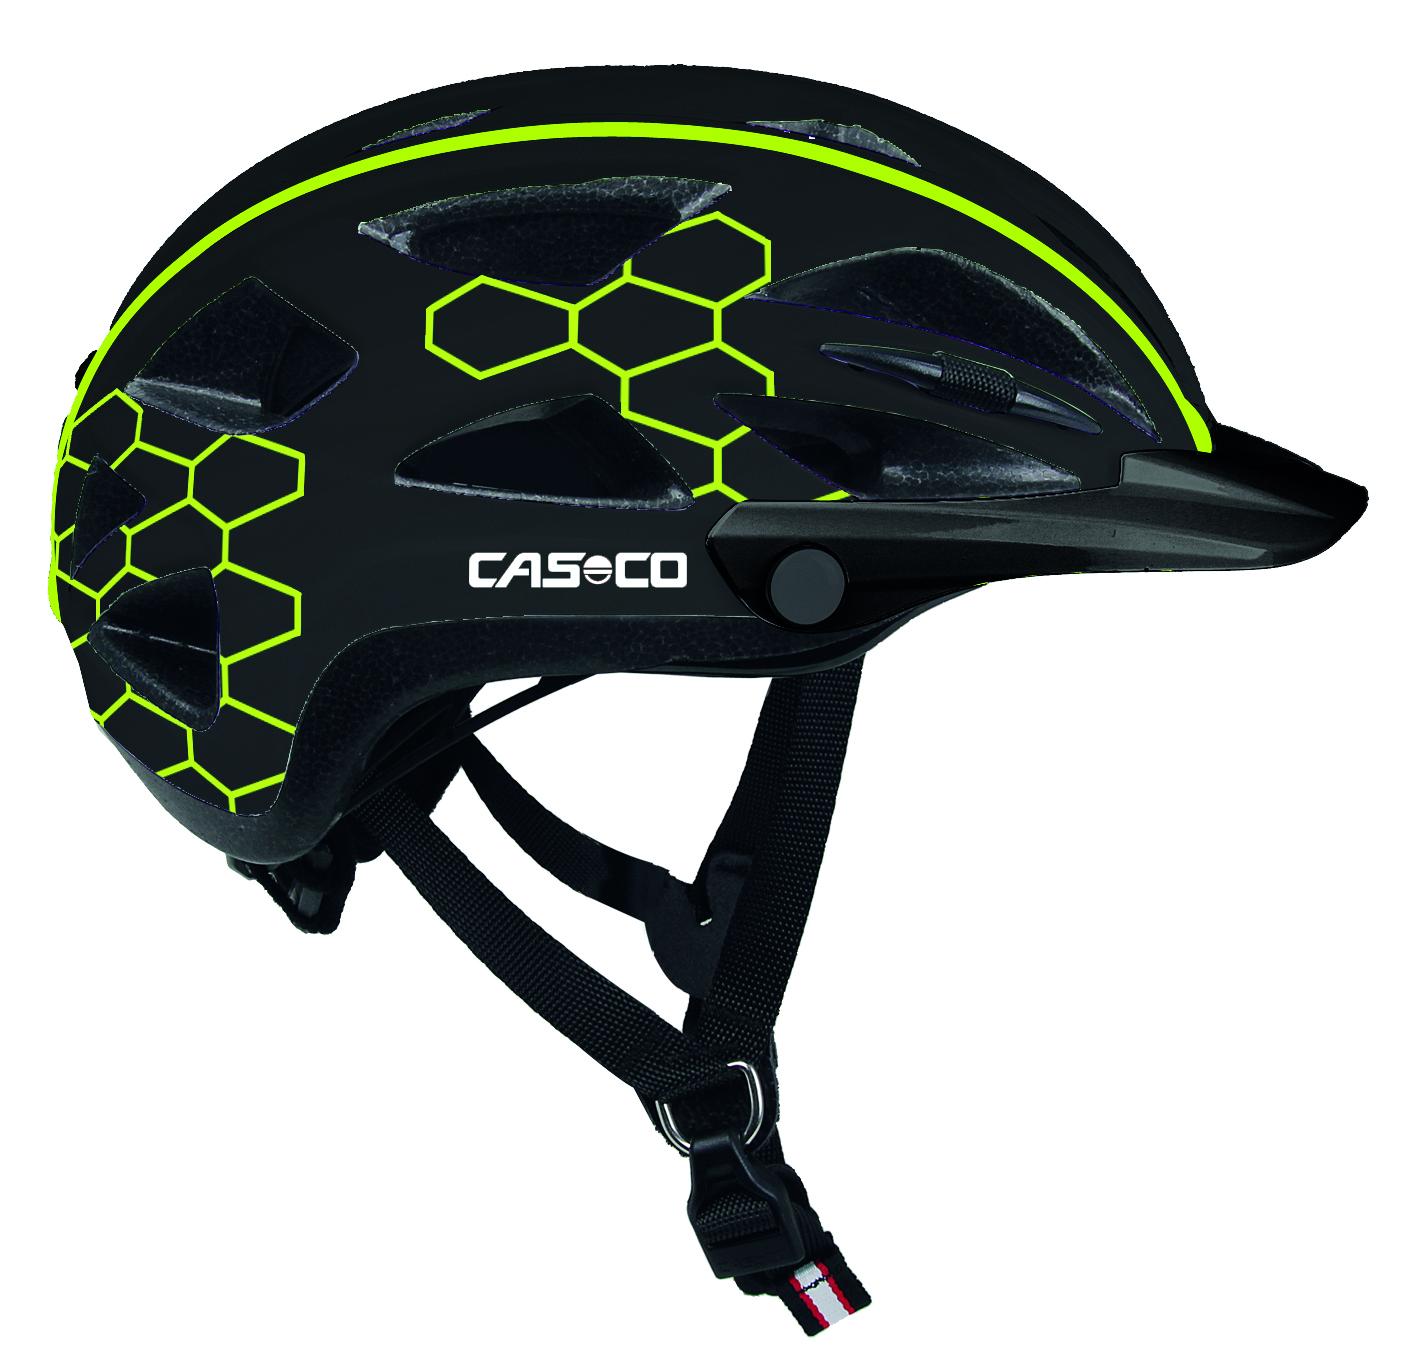 casco activ tc urban hjelm flere farver. Black Bedroom Furniture Sets. Home Design Ideas